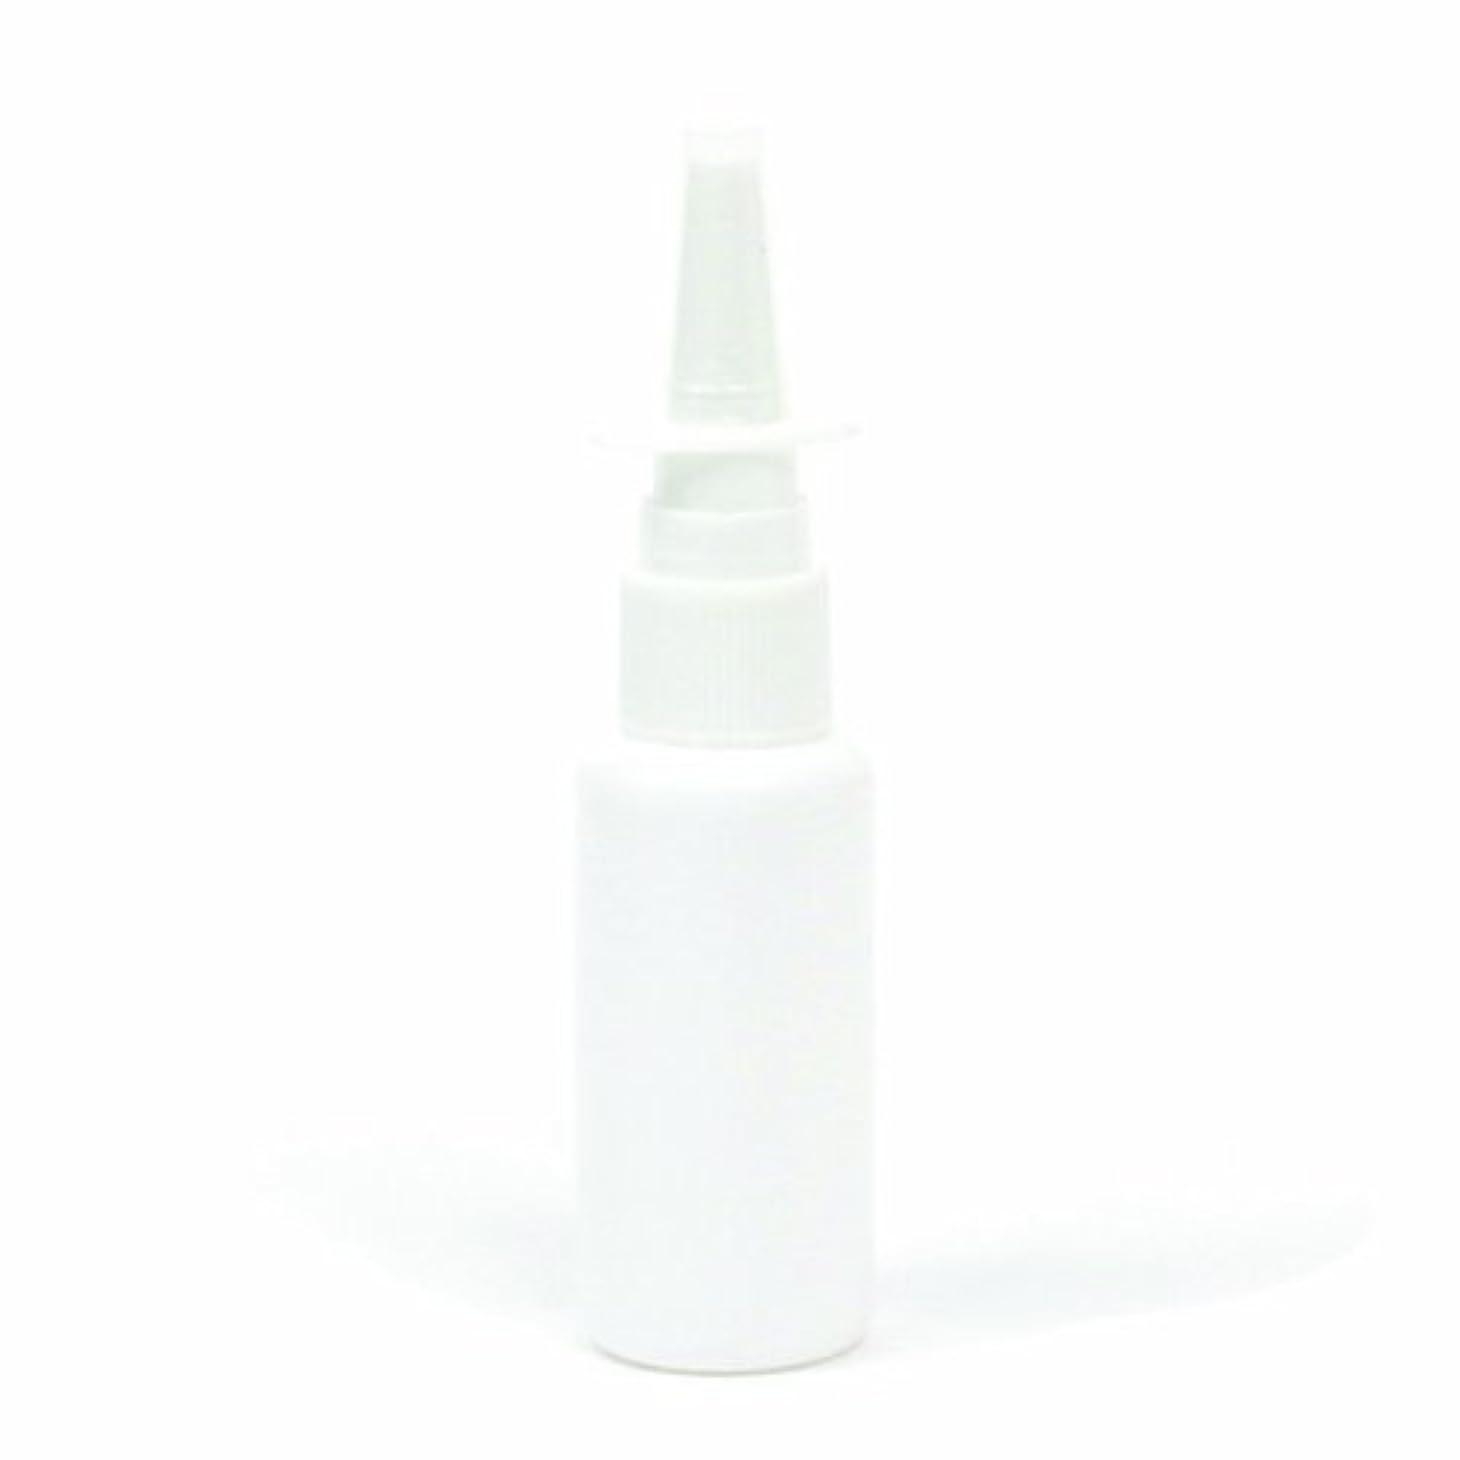 藤色自動提供する点鼻スプレーボトル 30mL 空容器 遮光タイプ